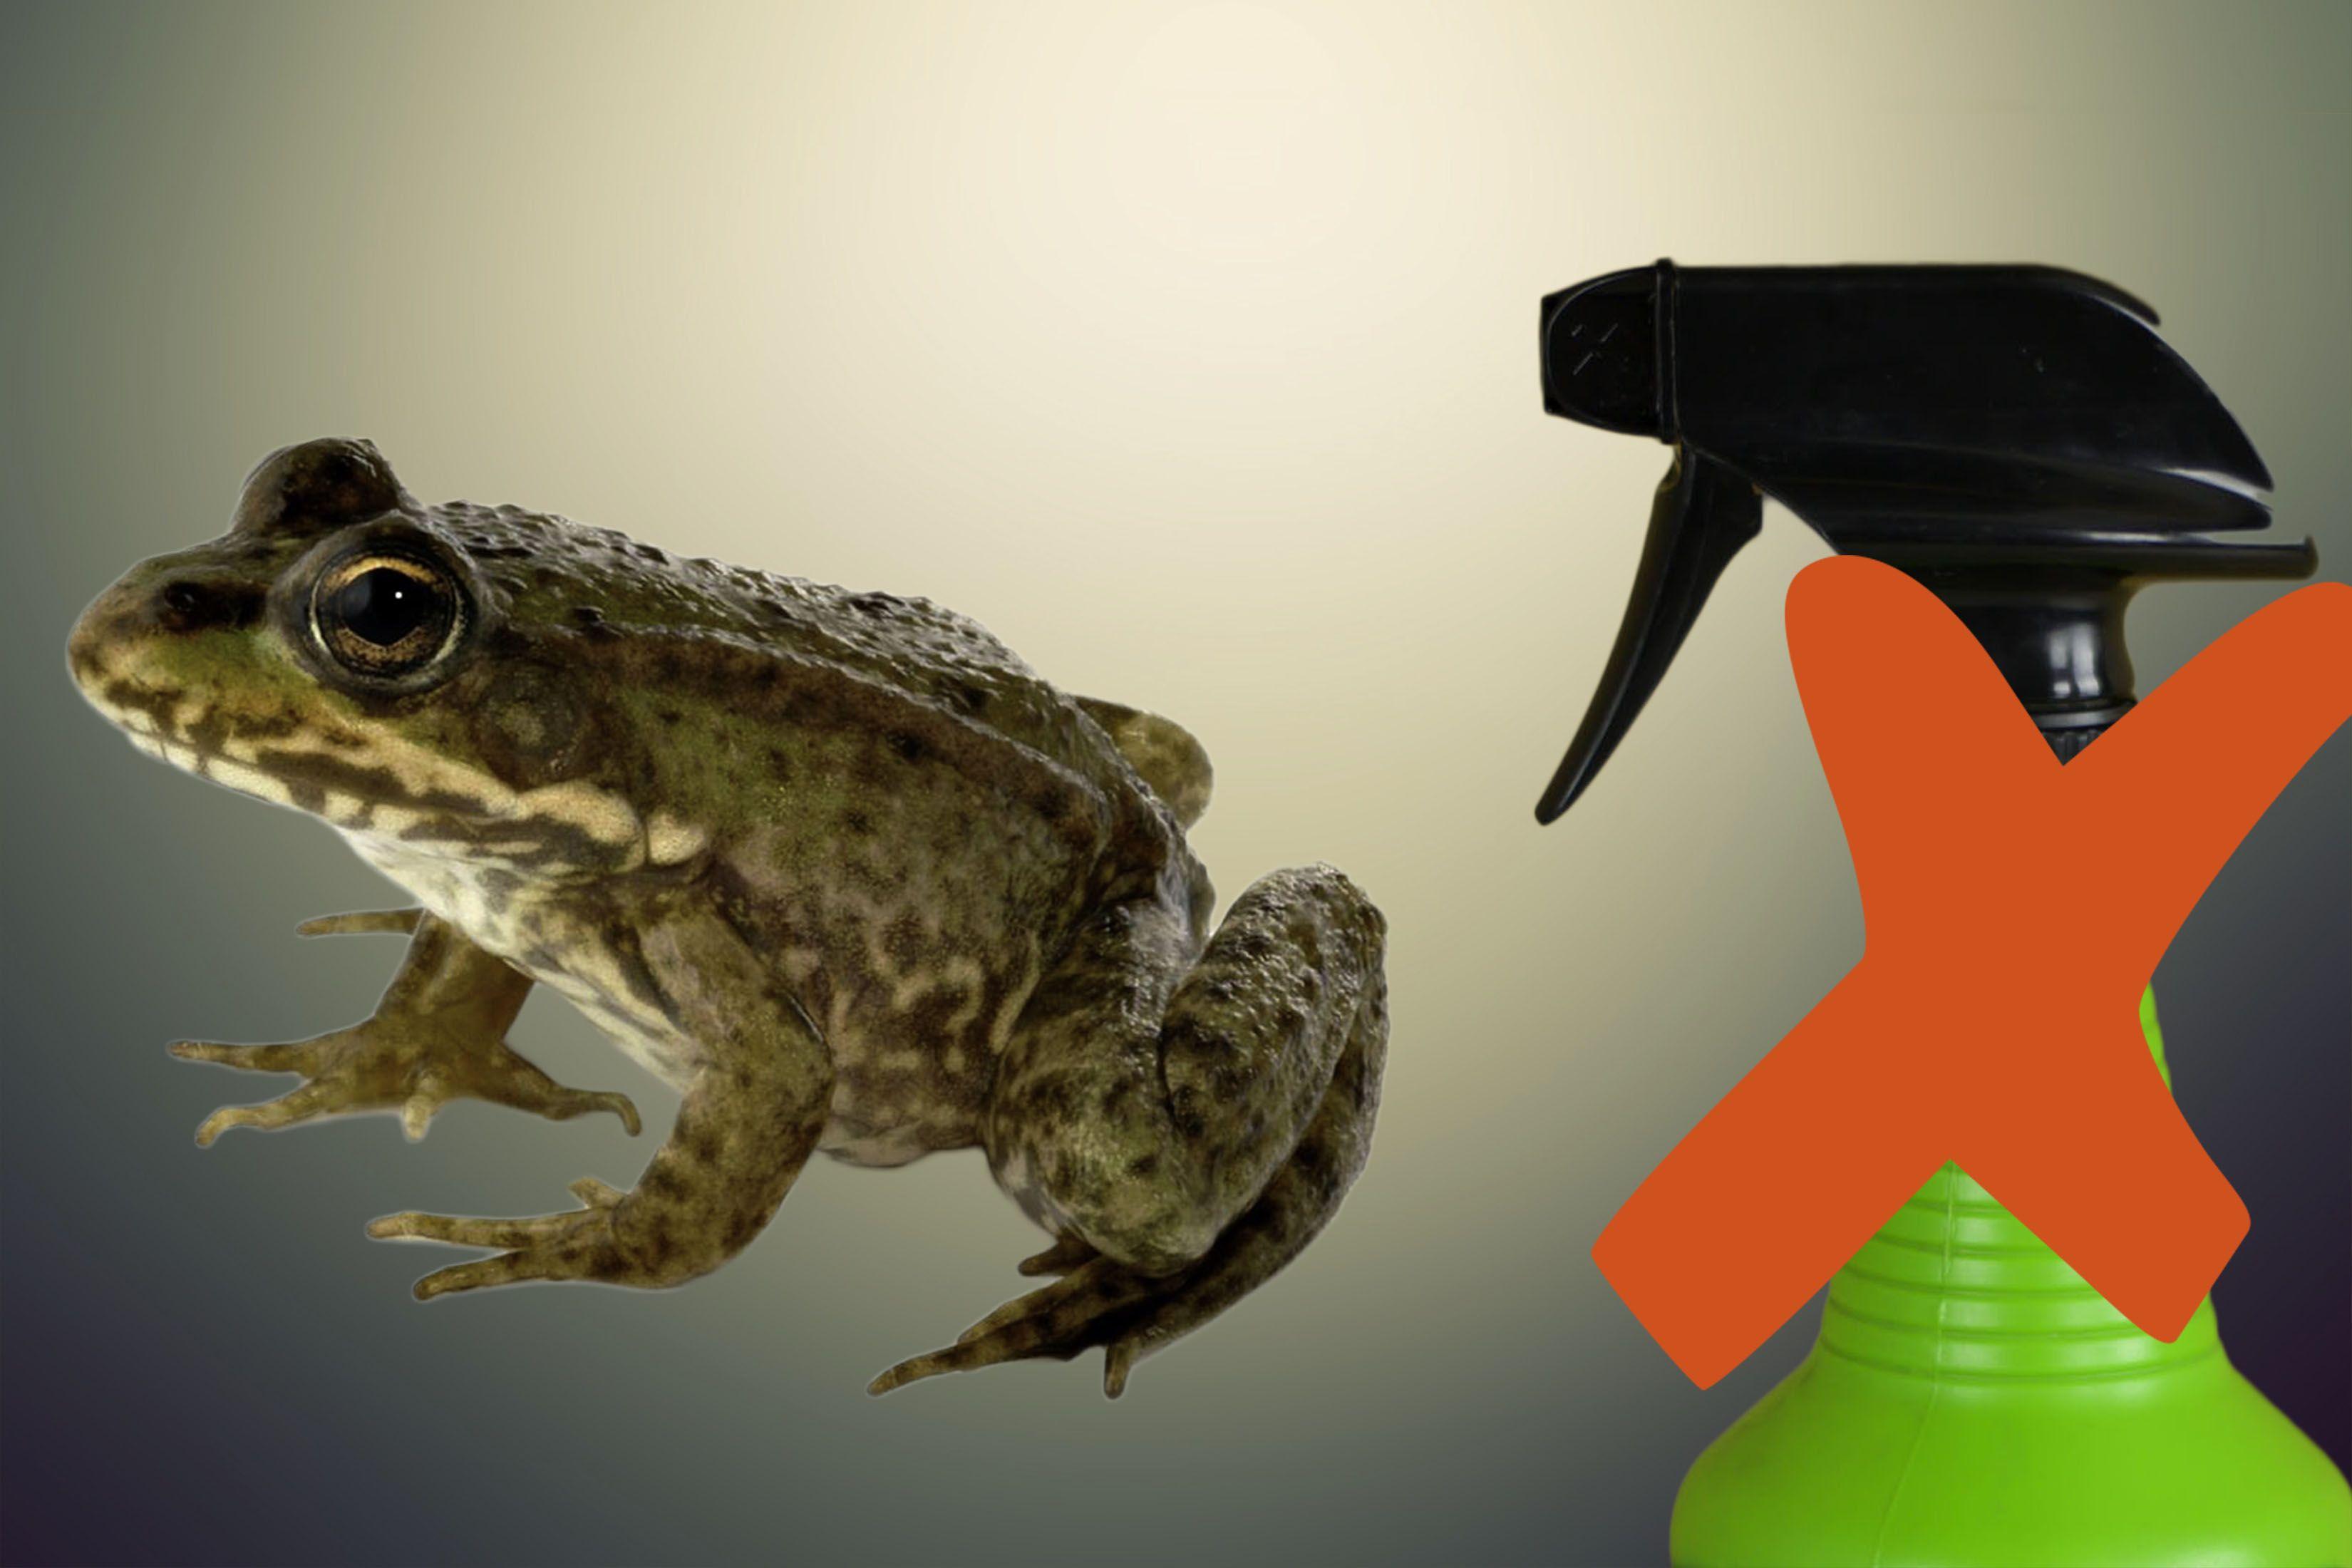 Frog Repellent